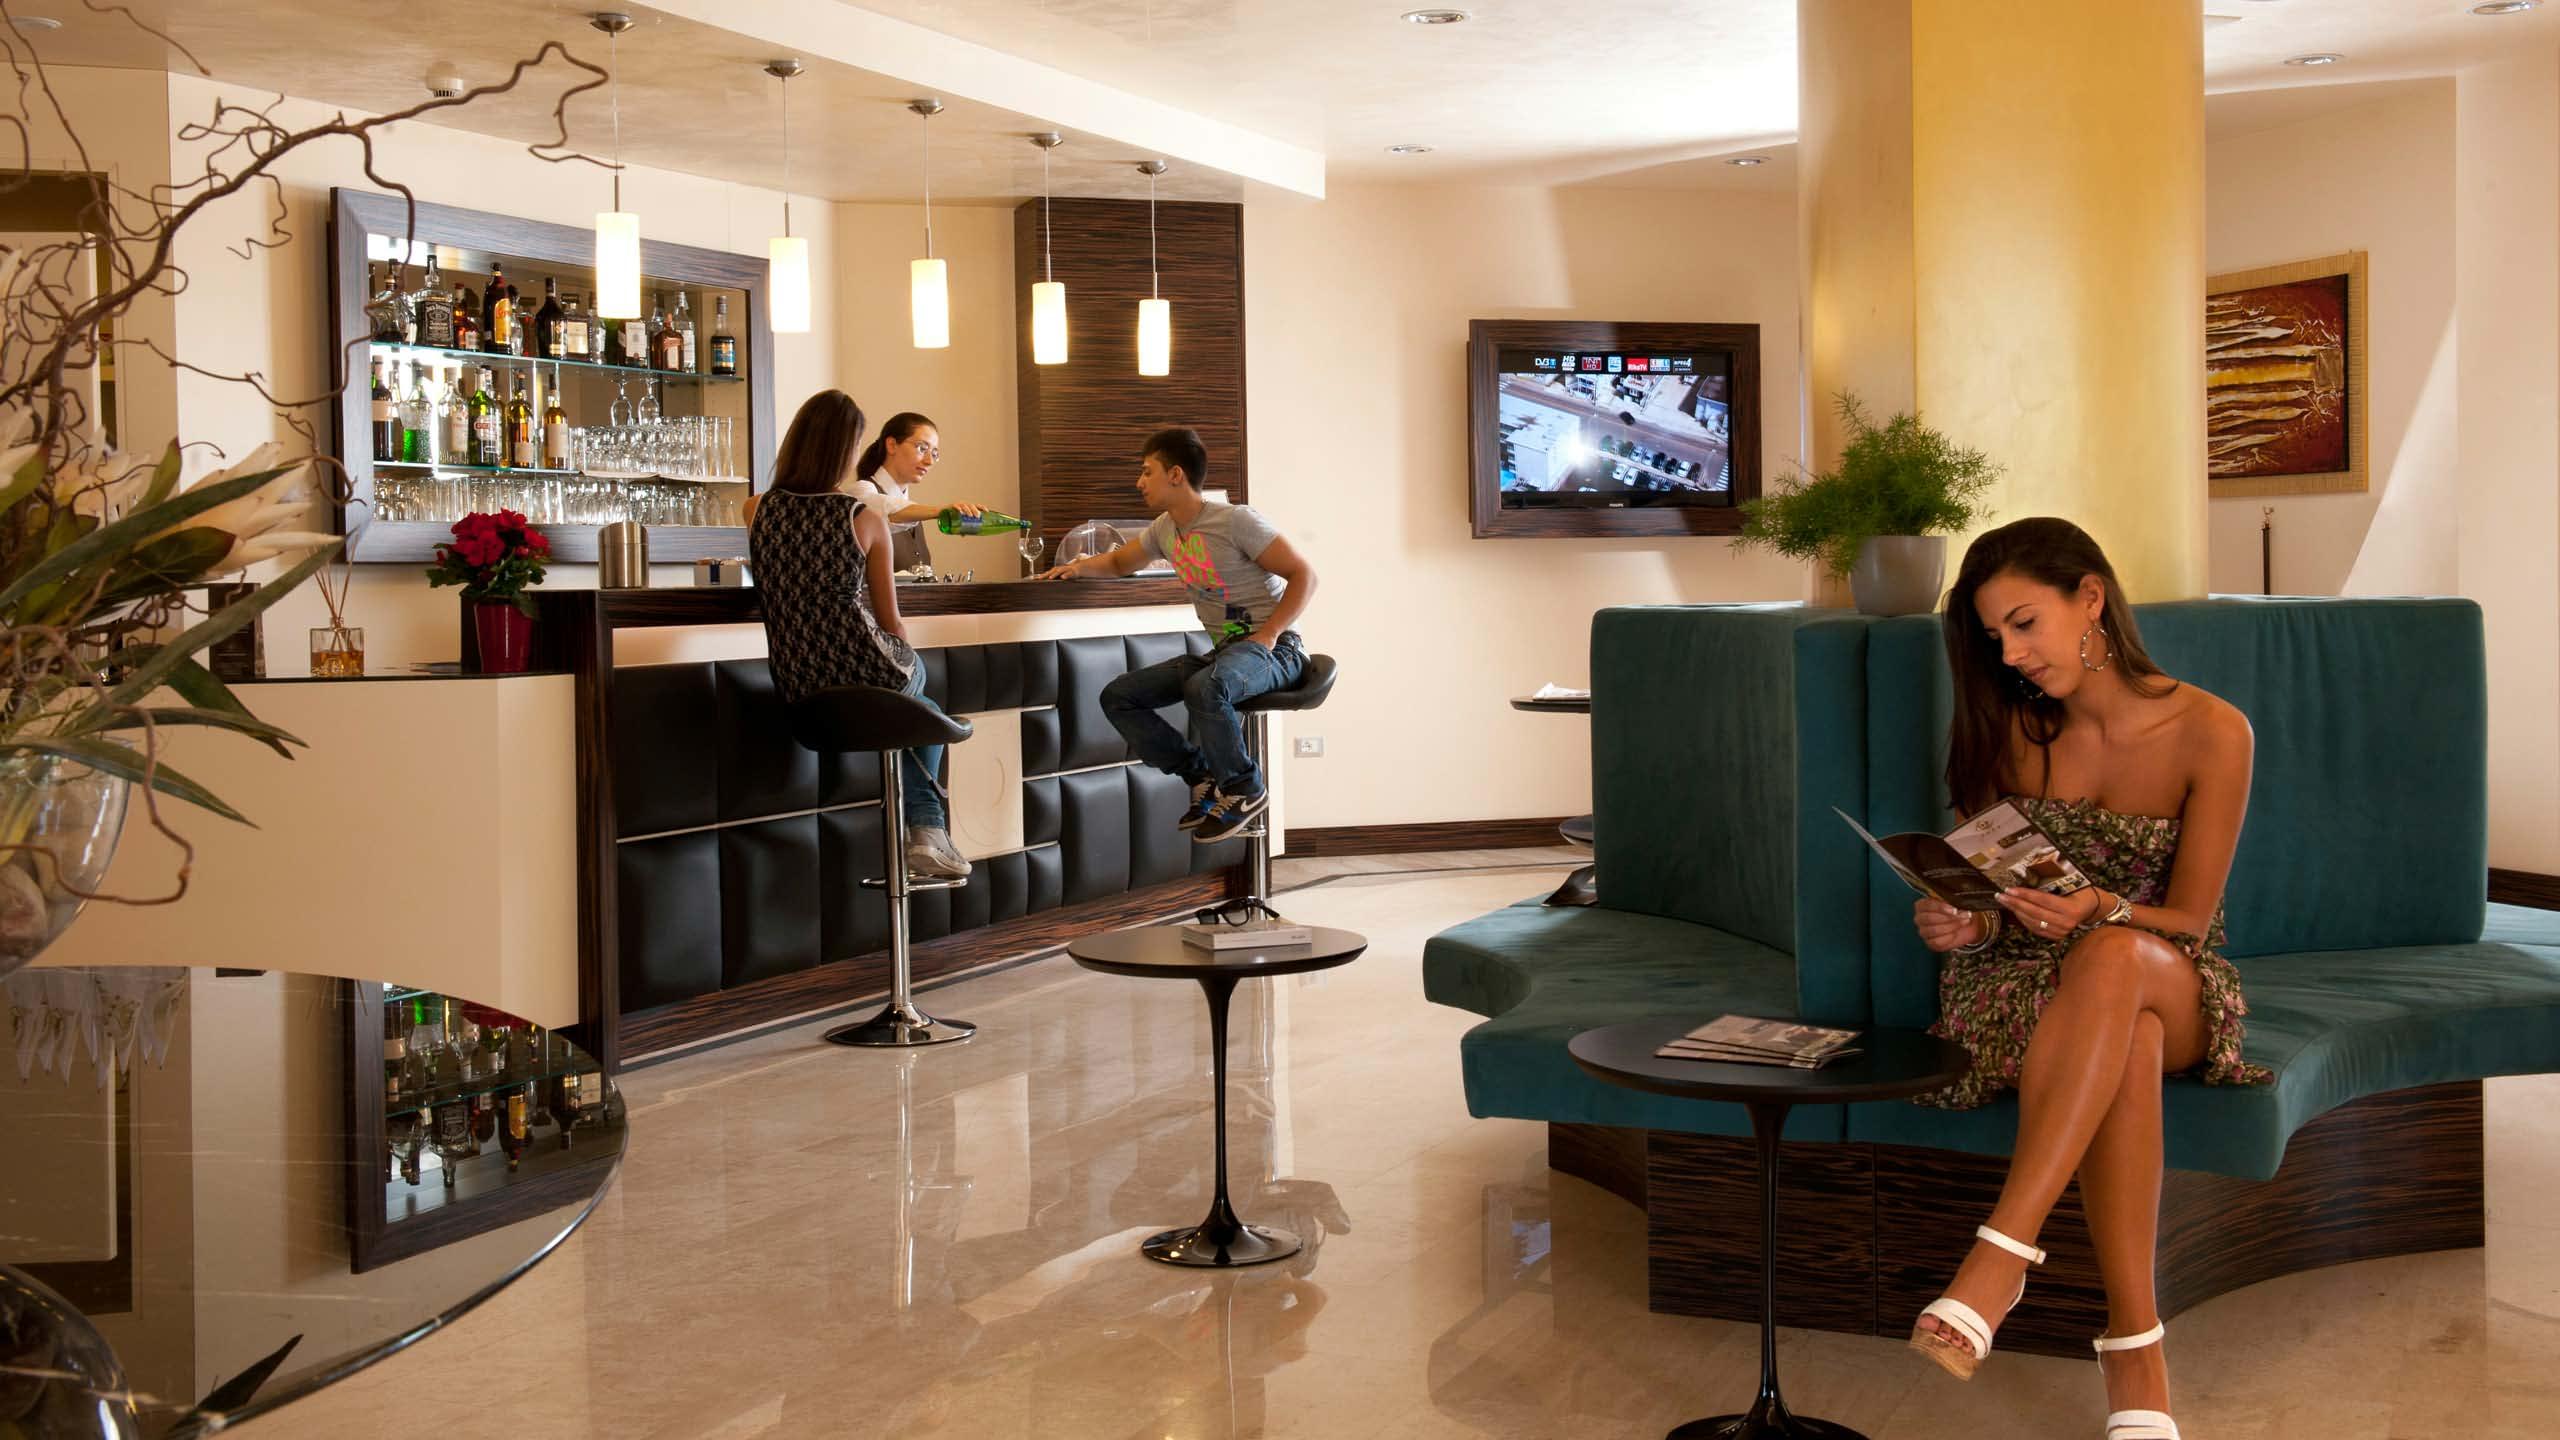 oc-hotel-roma-aree-comuni-002